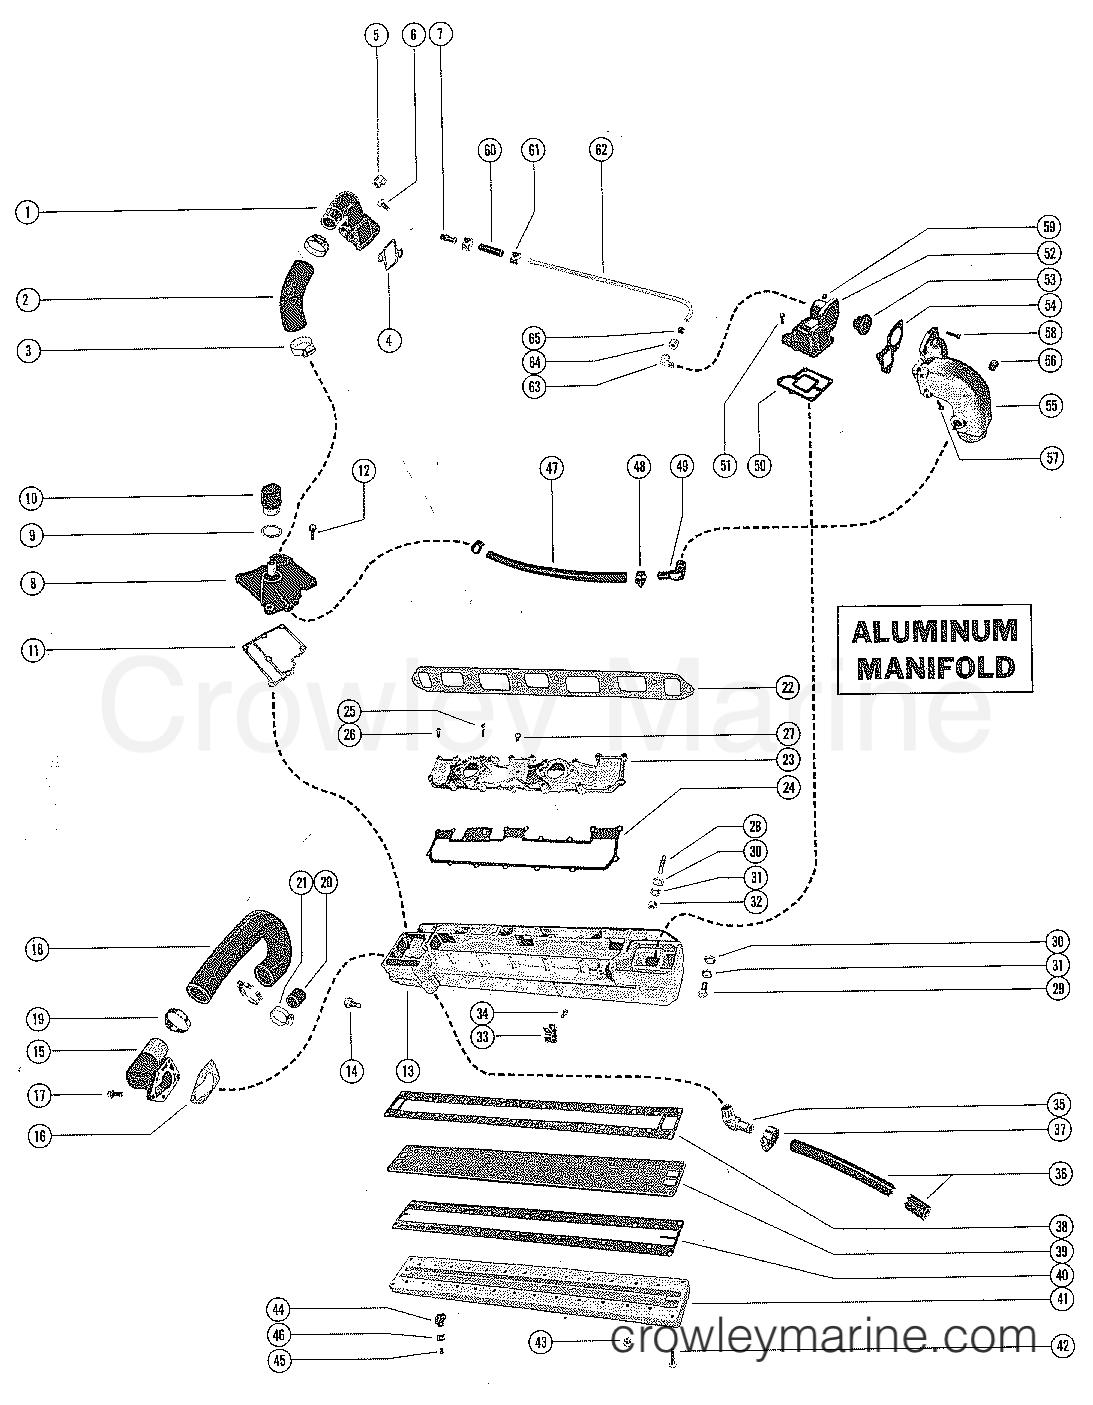 Wiring Manual PDF: 160 Mercruiser Wiring Diagram